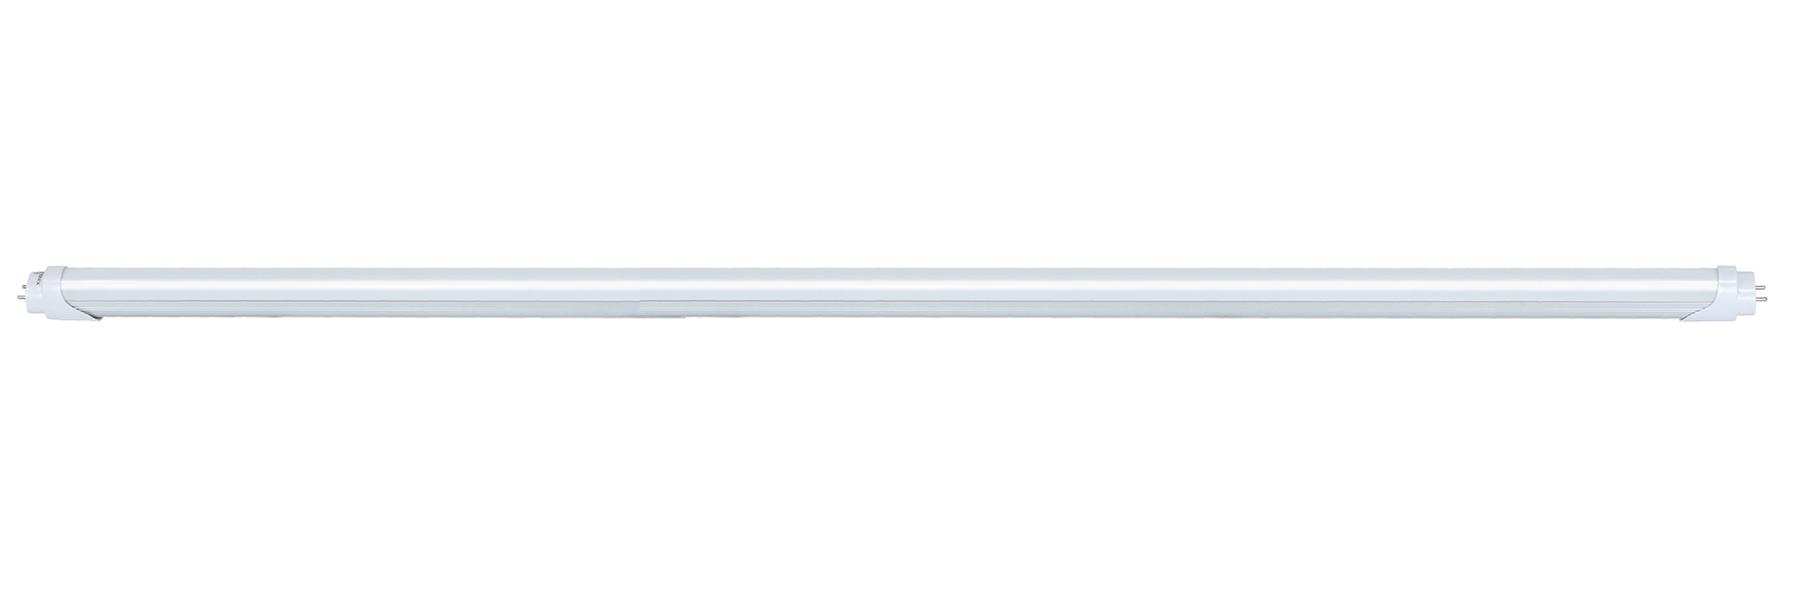 Bóng đèn Led Tuýp T8 Mika 1.2m 18w T8-18-120